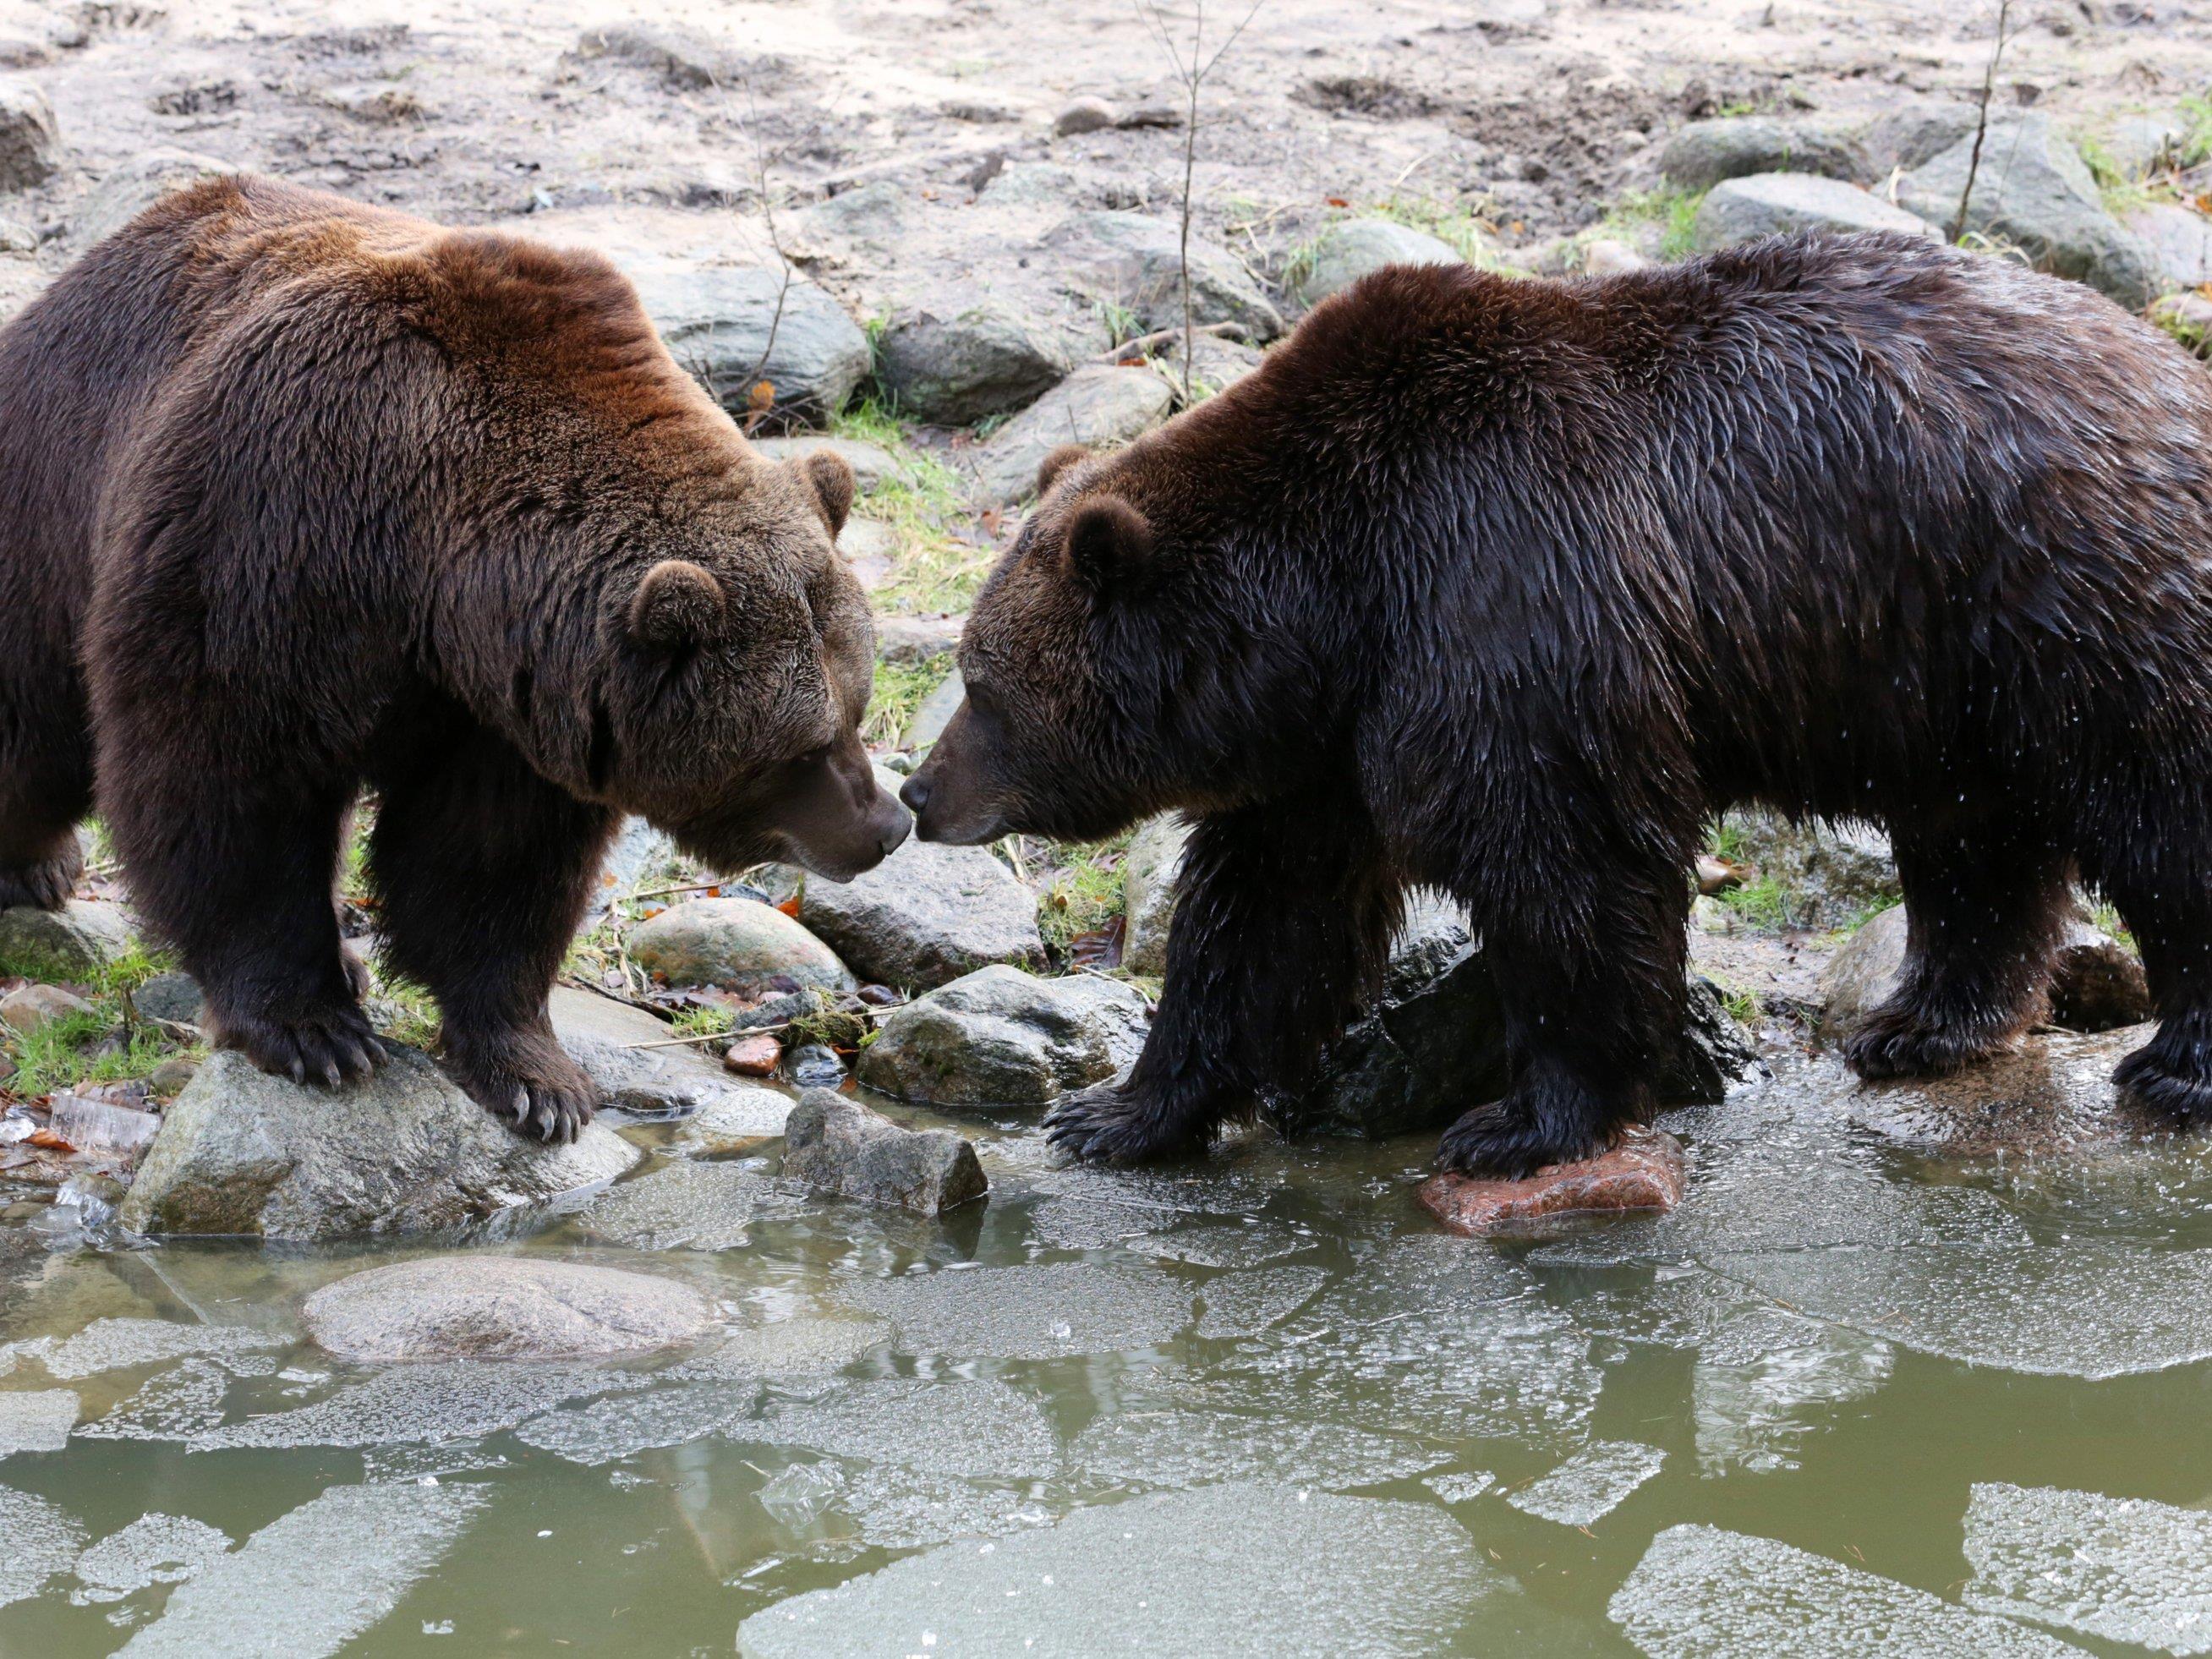 Bären haben eine enorme Kraft.